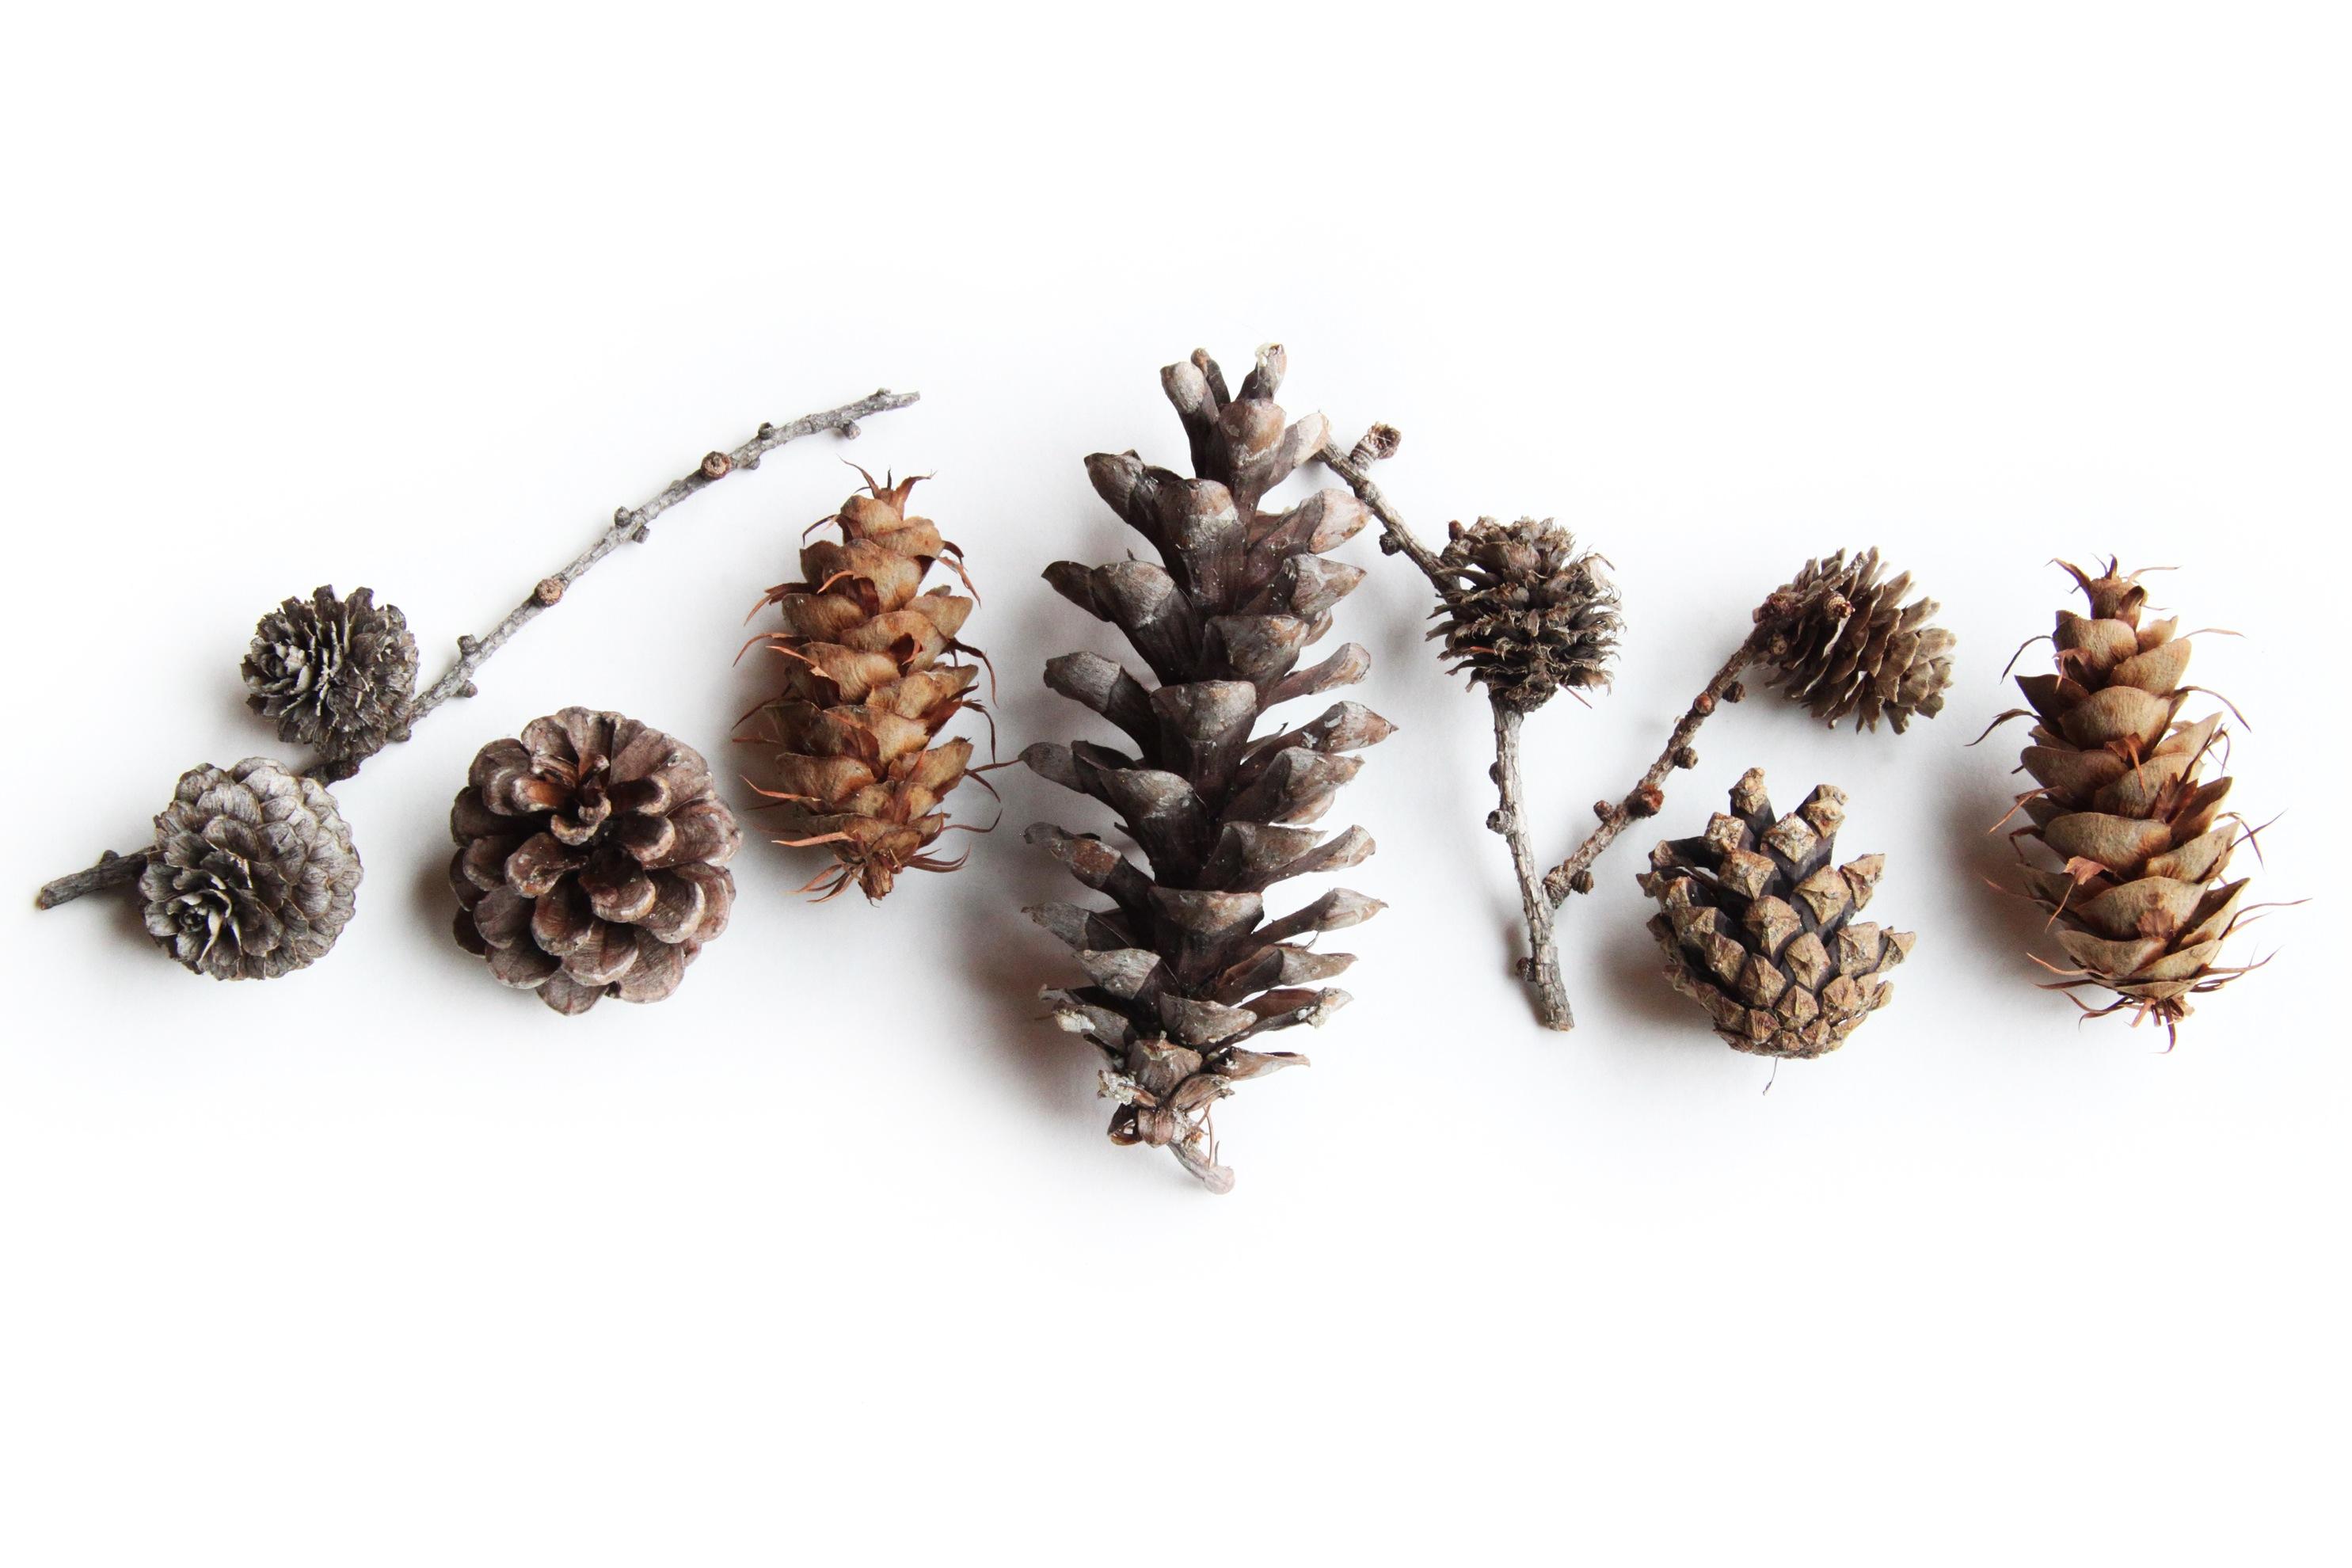 boreal pine cones